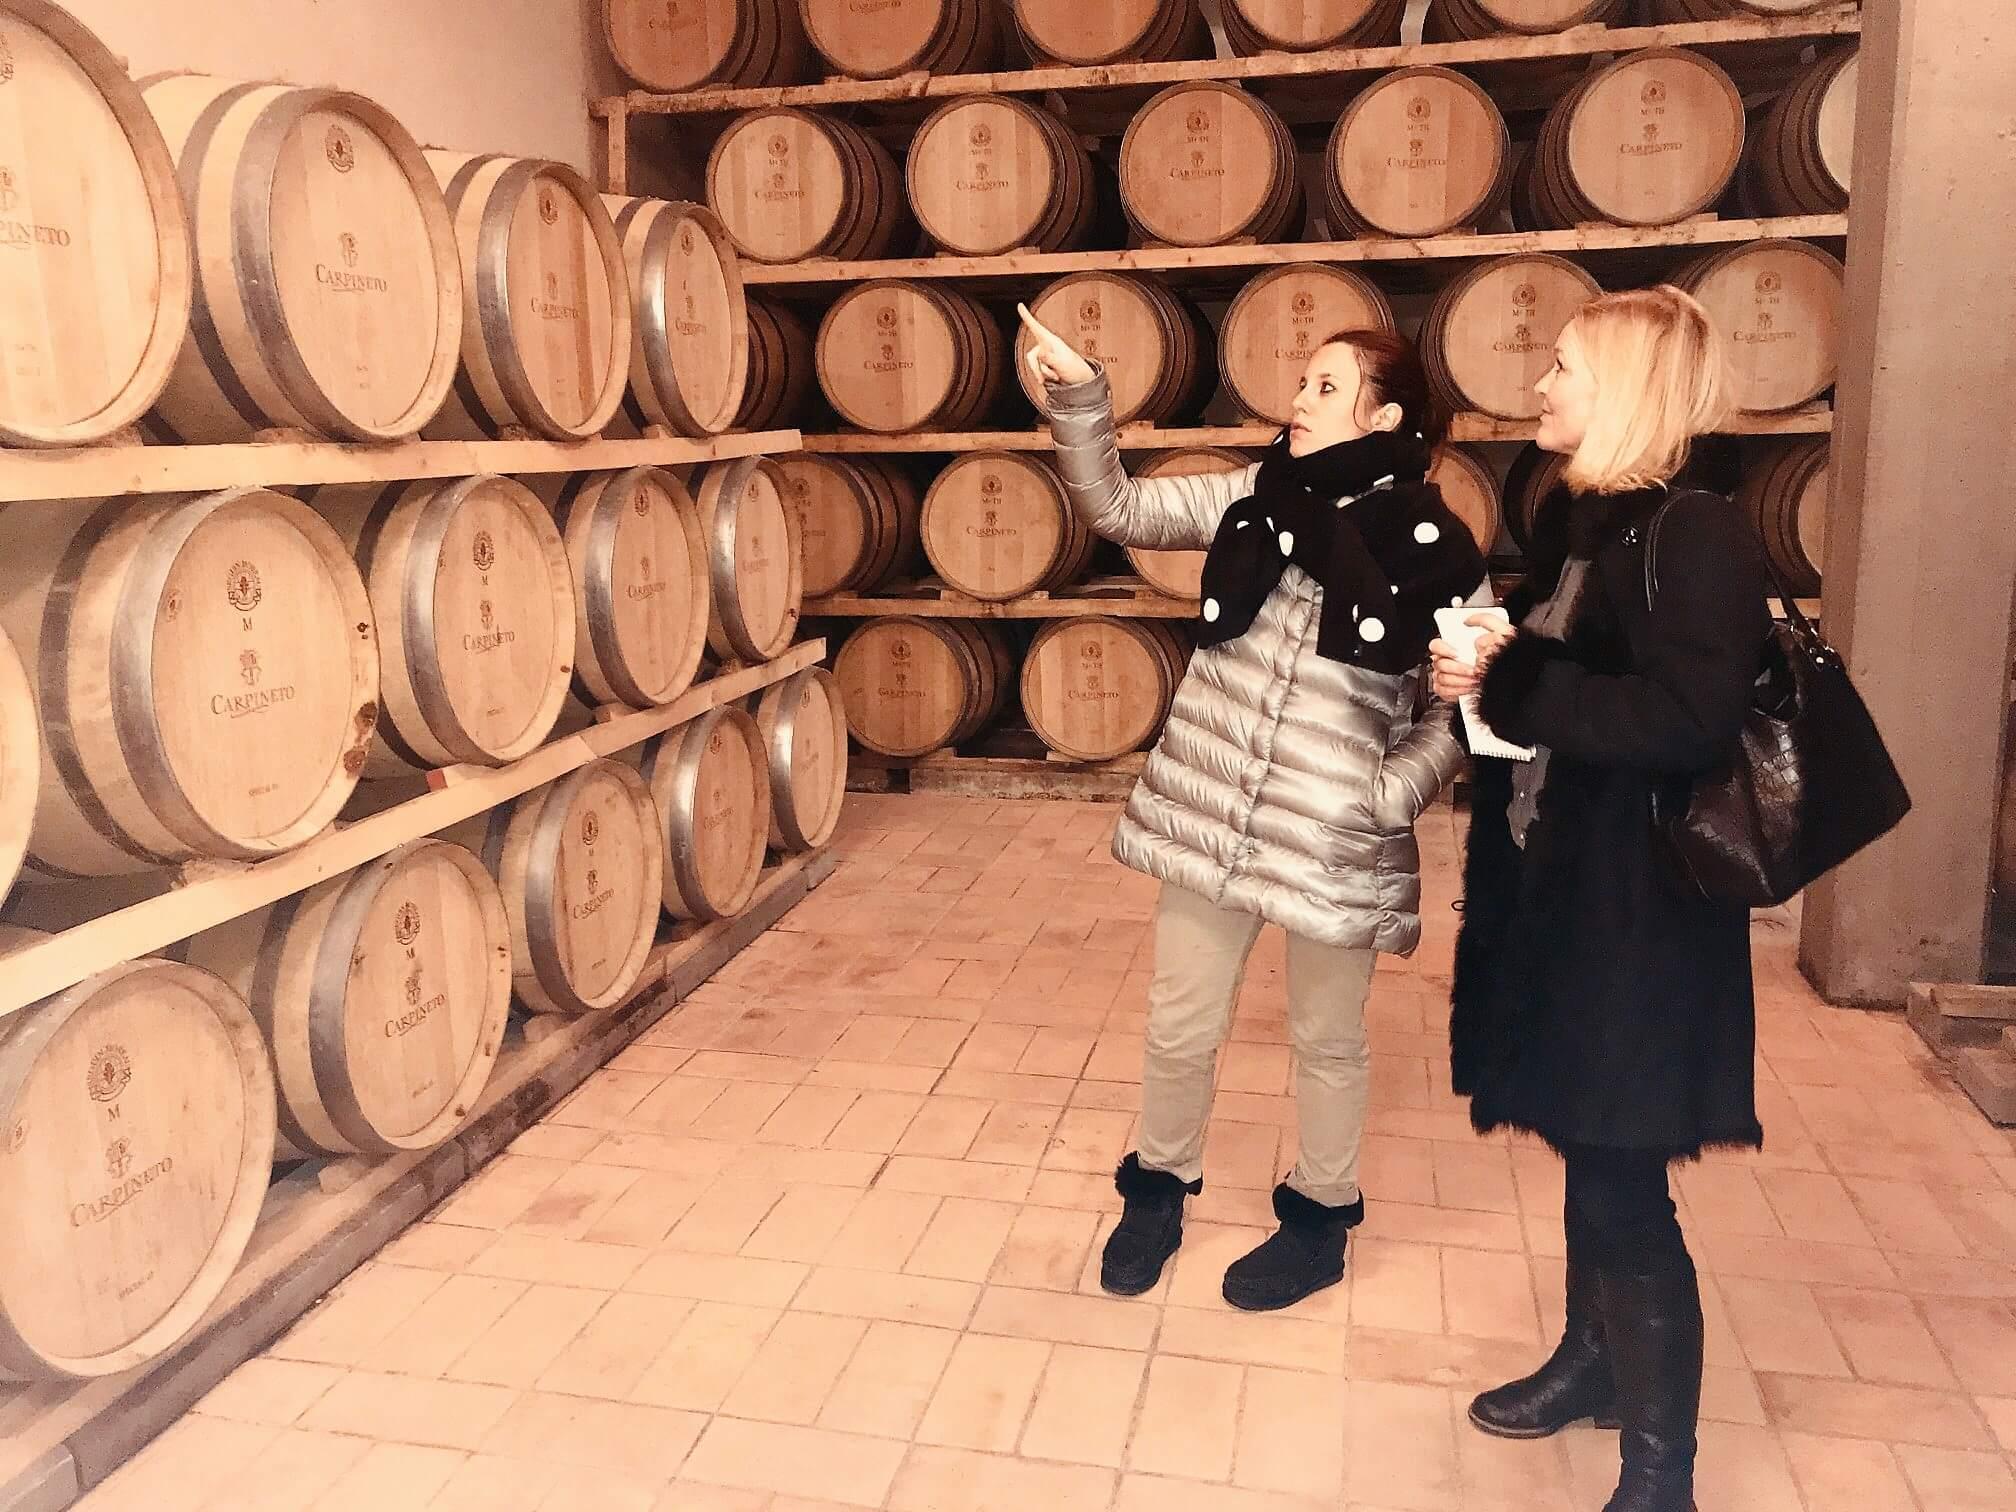 Verdens beste viner 2018 er kåret av vinmagasinet Wine Spectator. På topp 20-lista er 8 viner italienske. En av dem er Carpineto Vino Nobile di Montepulciano Riserva 2013. Den unge, kvinnelige vinmakeren som står bak vinen har all grunn til å smile.